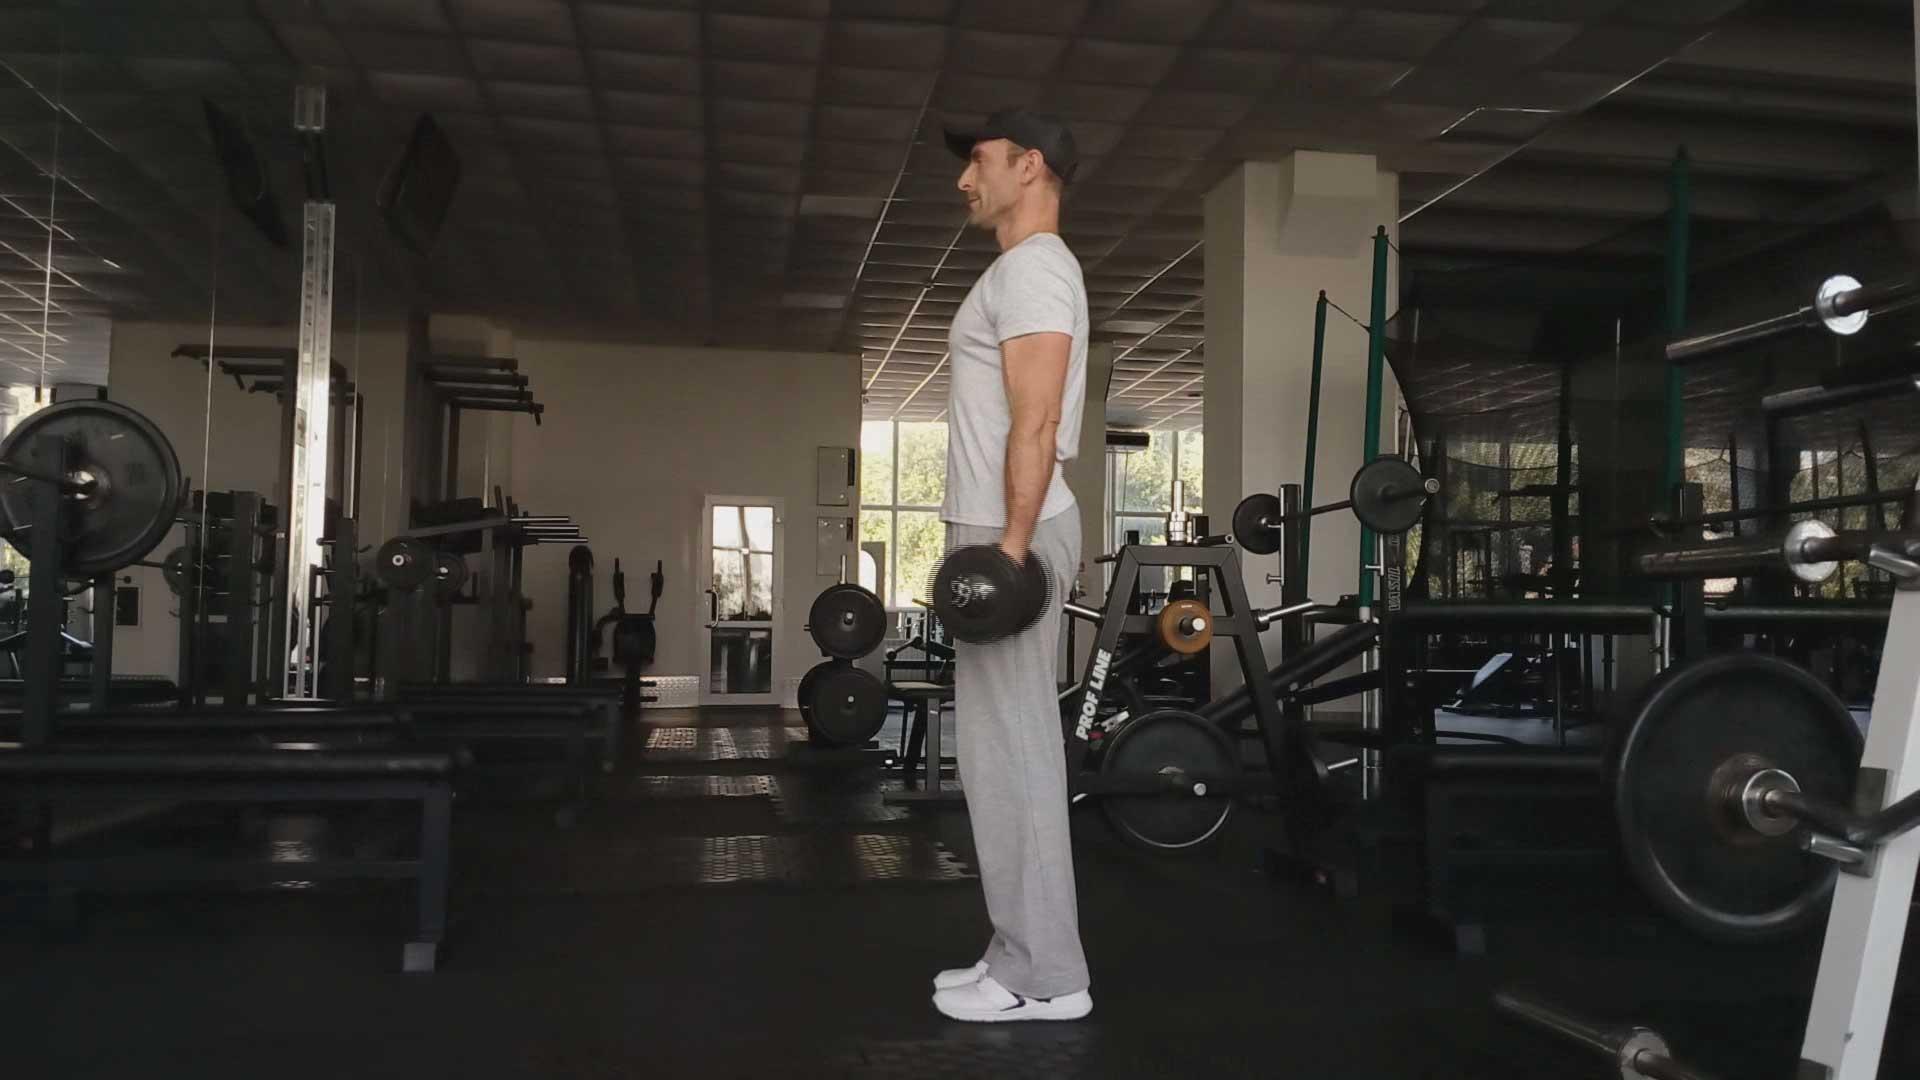 Сгибания зоттмана. упражнение на силу рук | bestbodyblog.com